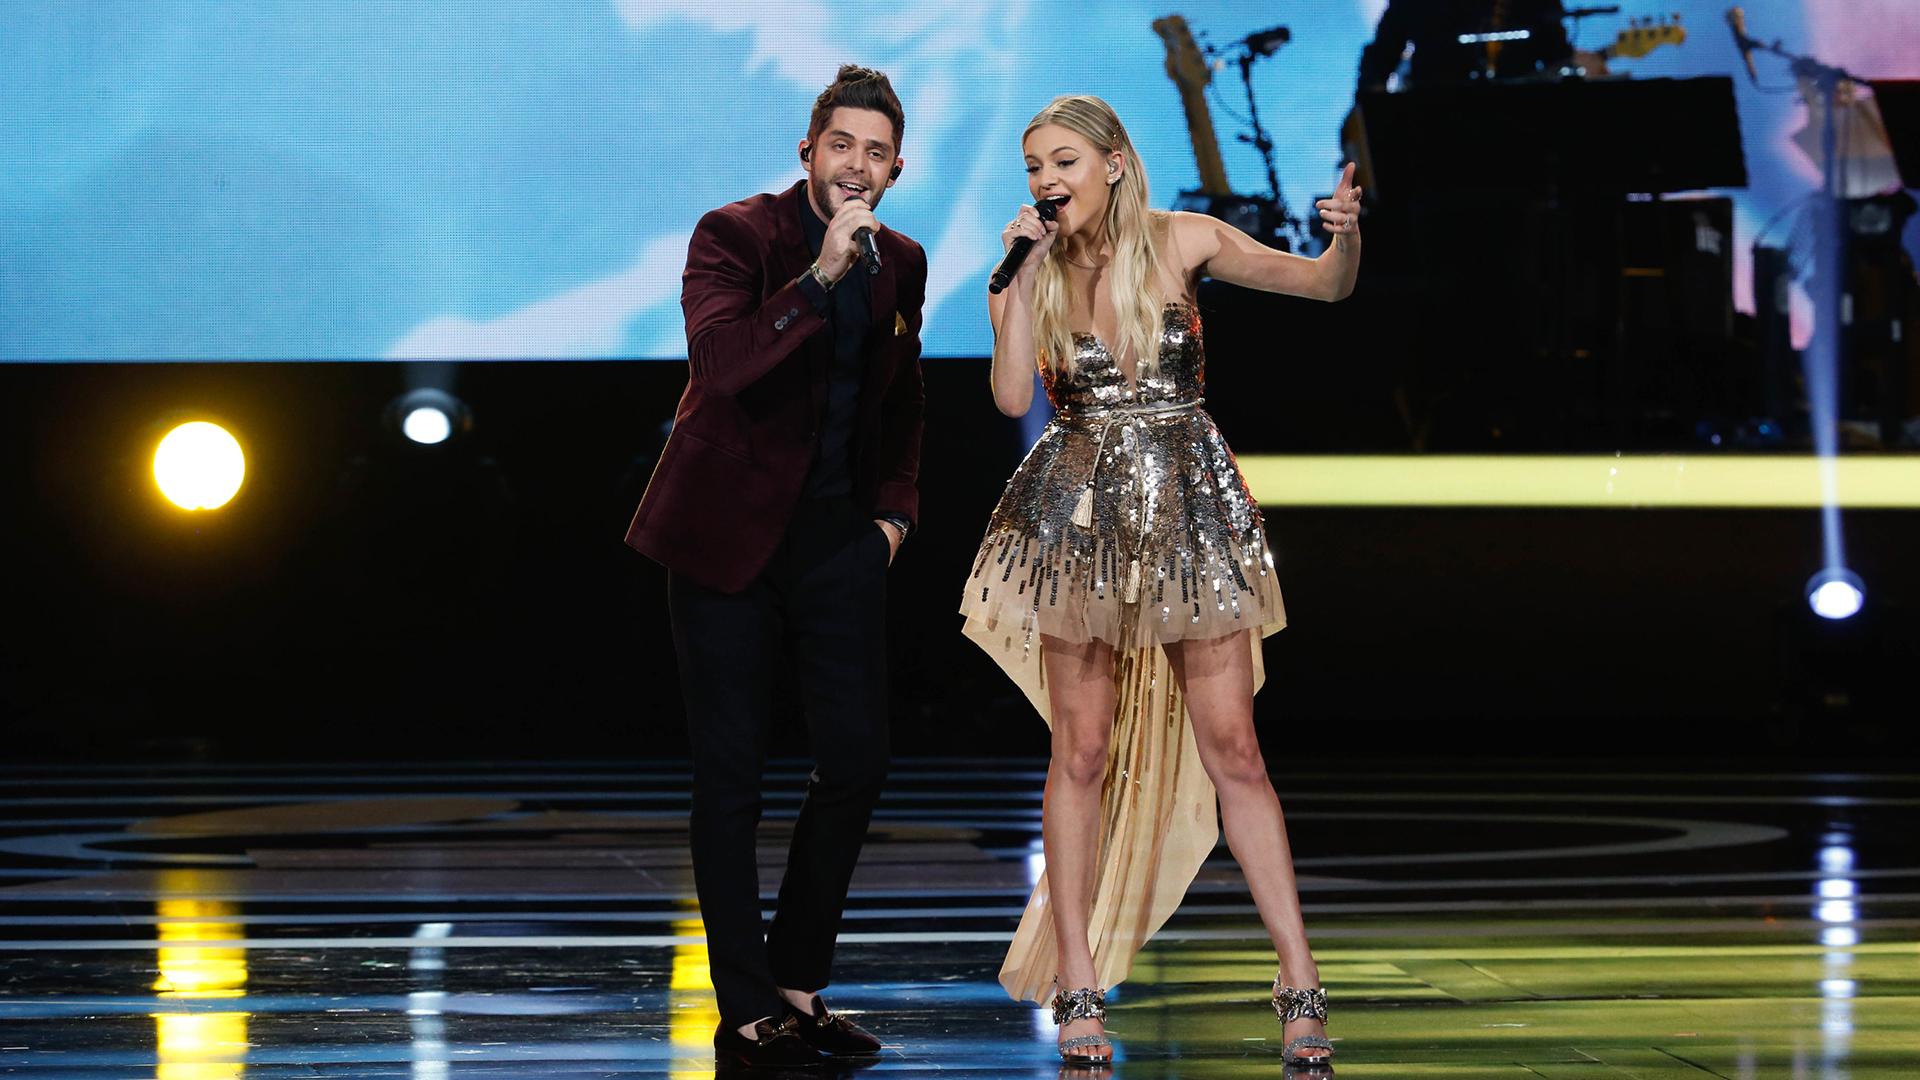 Thomas Rhett and Kelsea Ballerini perform